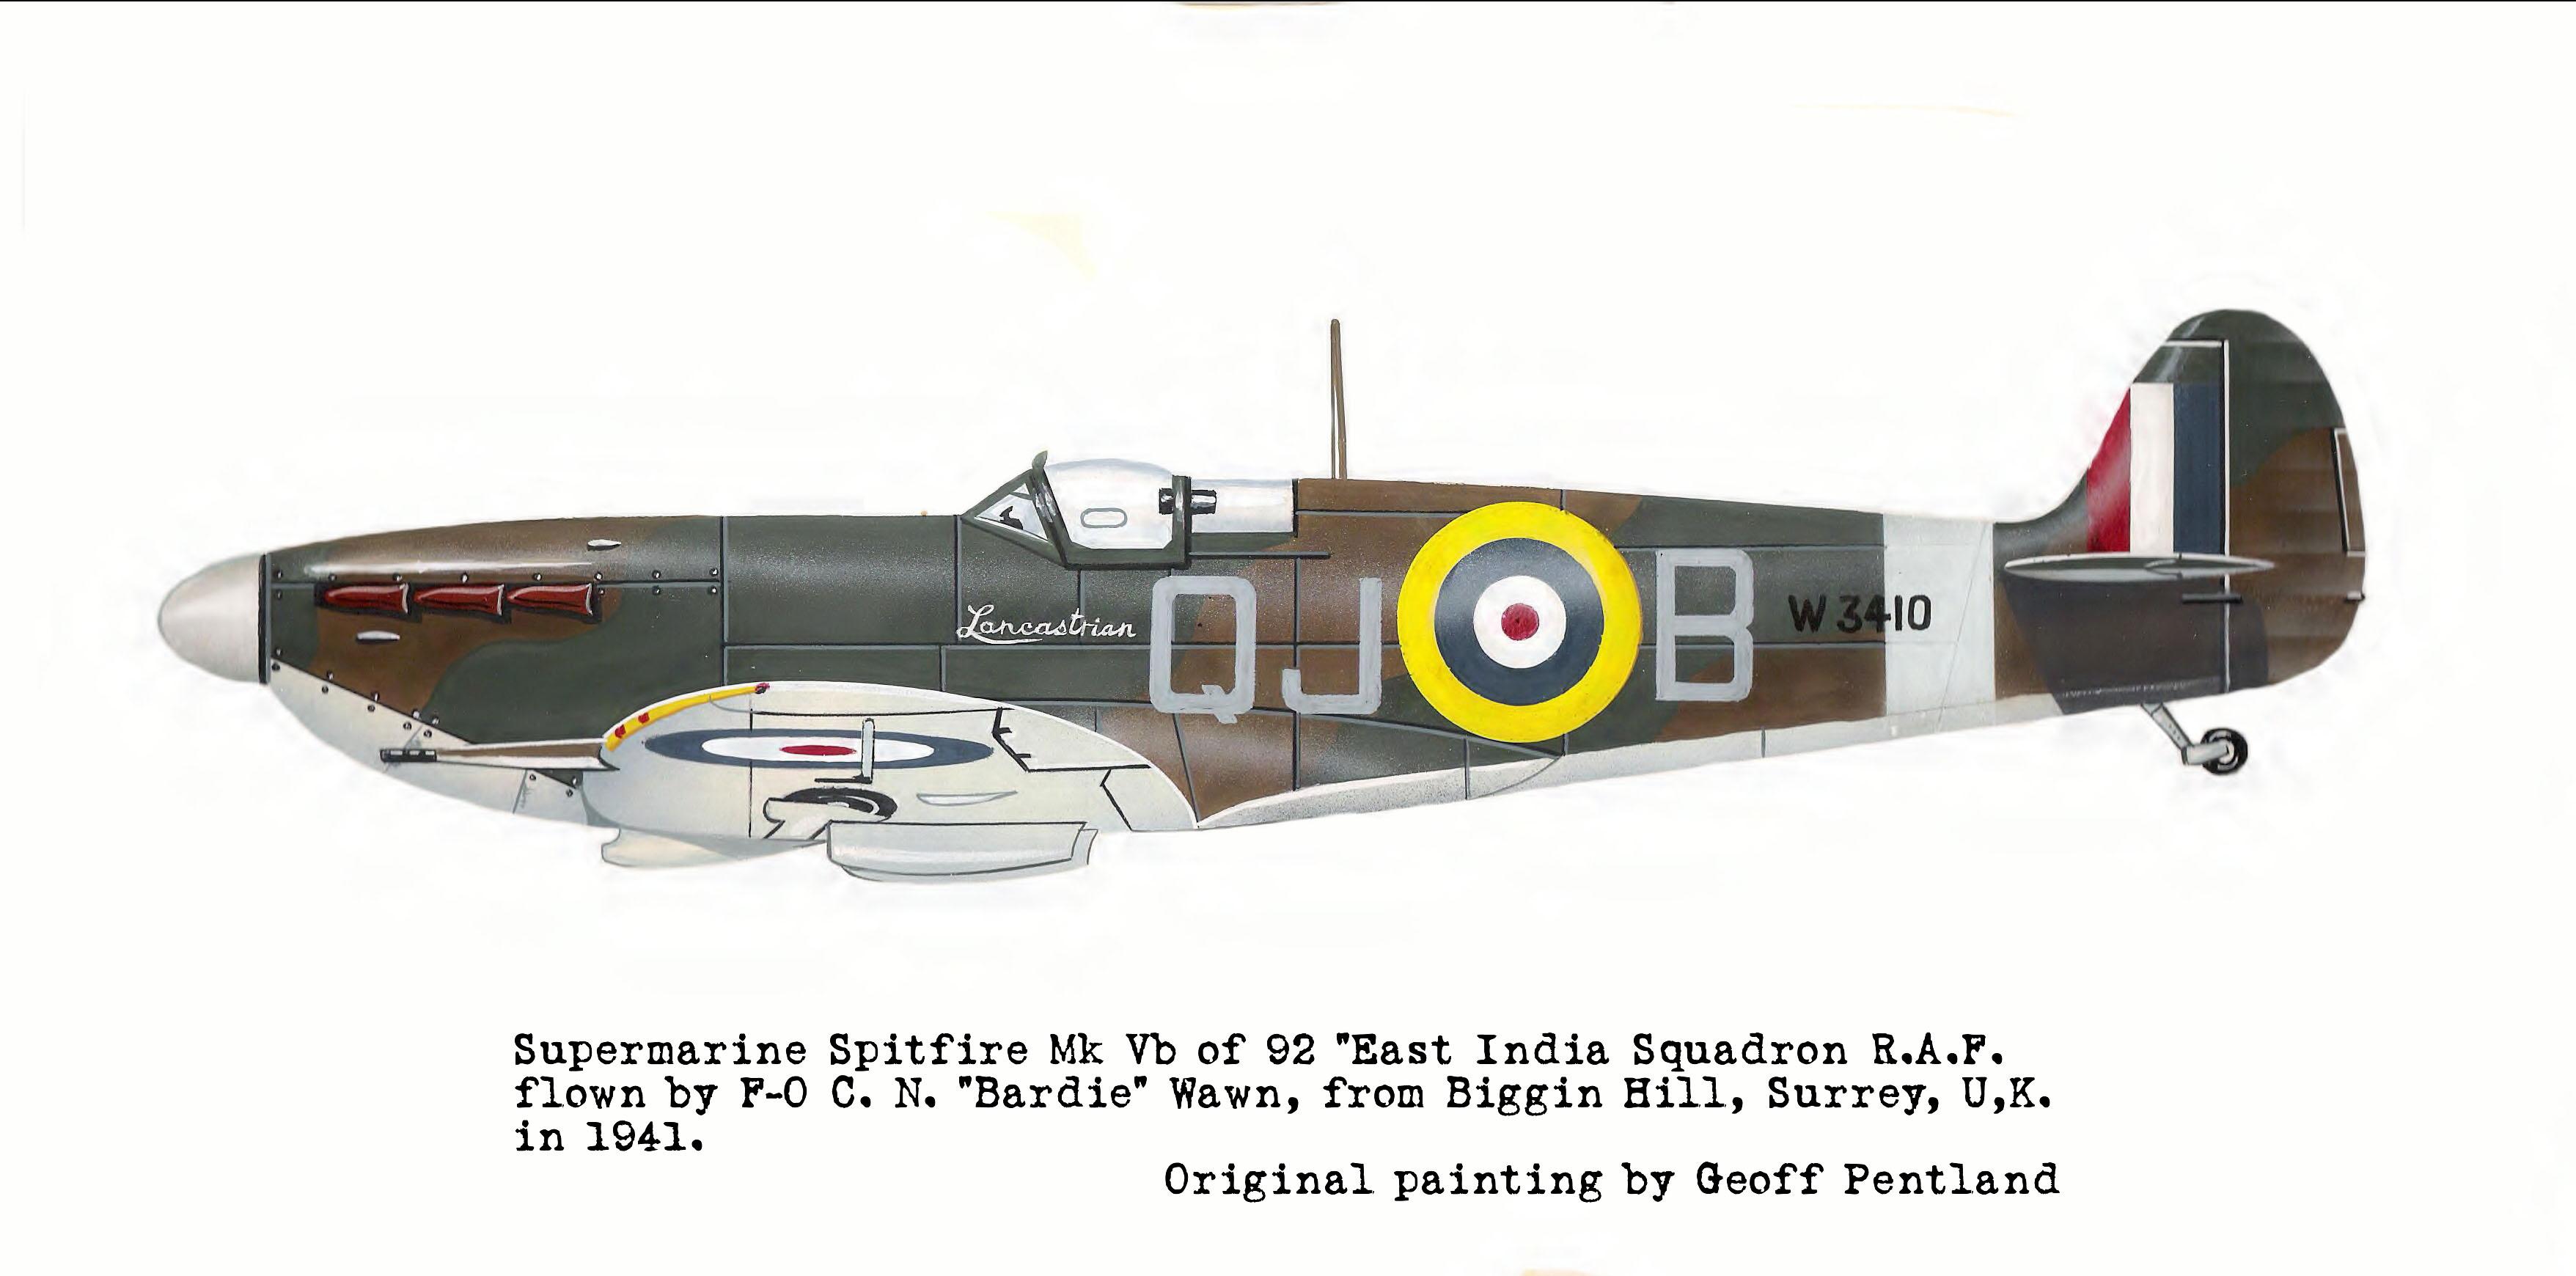 Spitfire MkVb RAF 92Sqn QJB Clive Wawn Lancastrian W3410 Biggin Hill 1940 0A